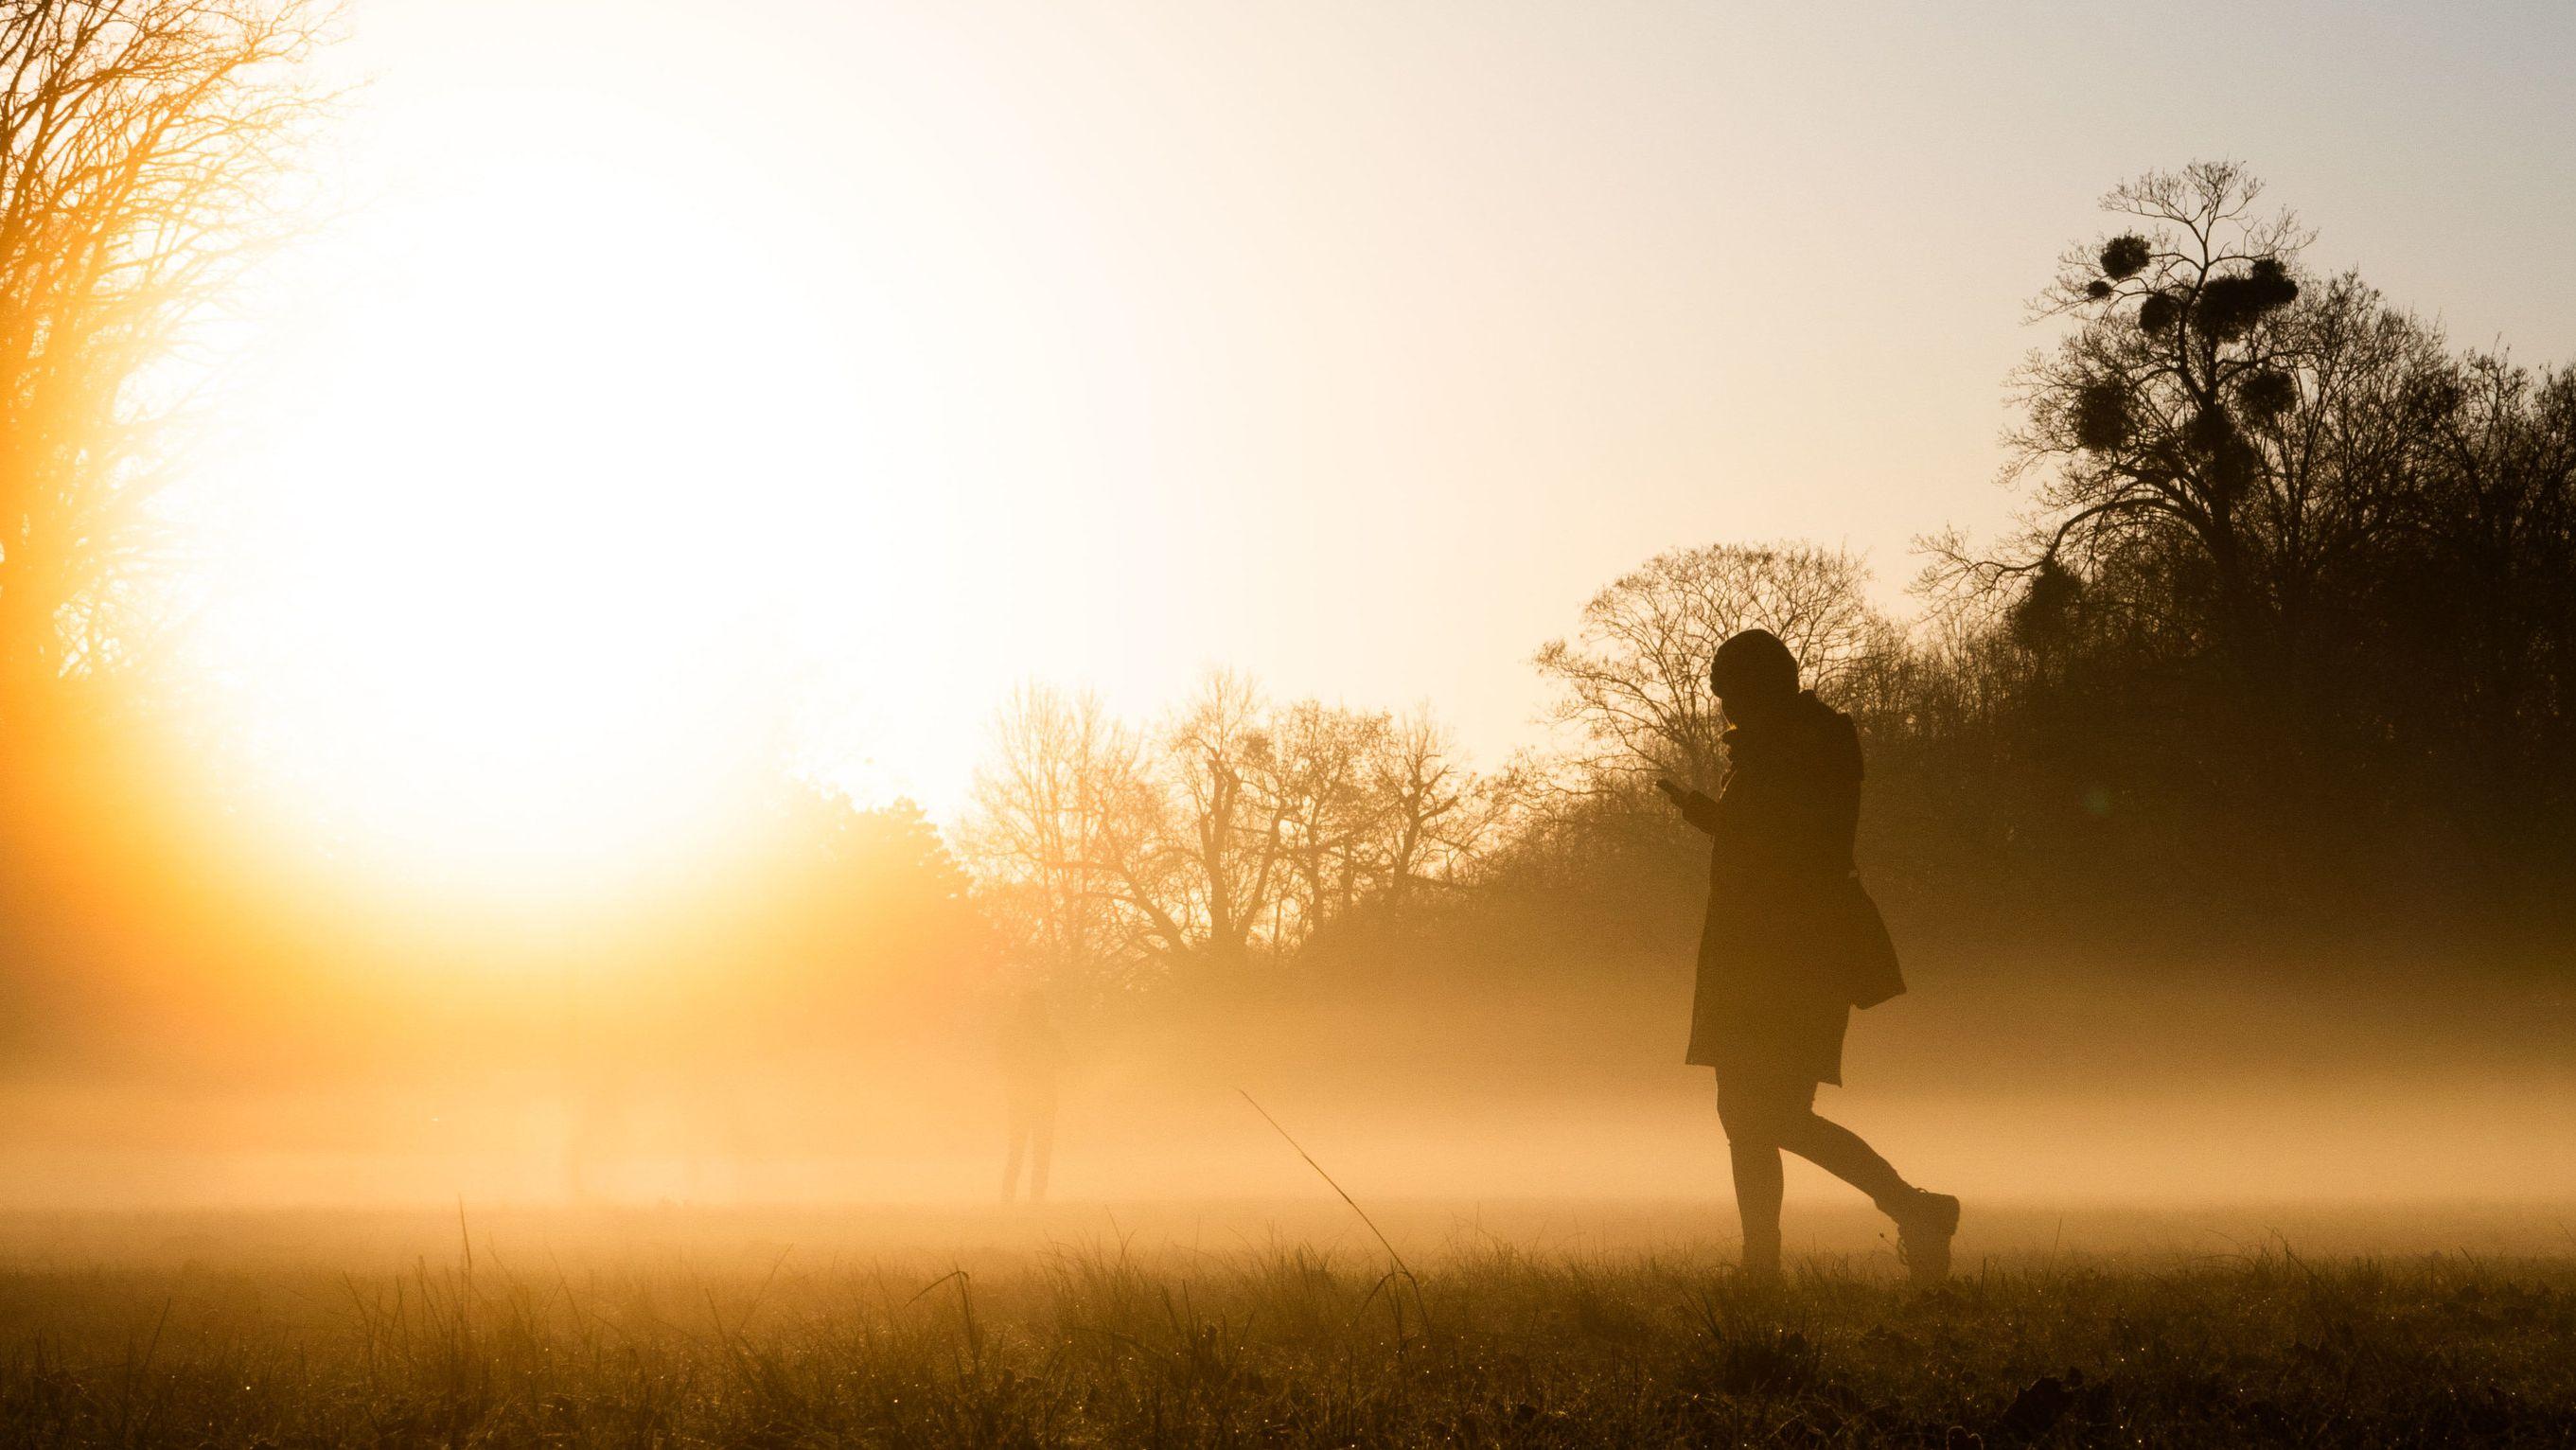 Frau geht spazieren, während die Sonne den Bodennebel in goldenes Licht taucht.